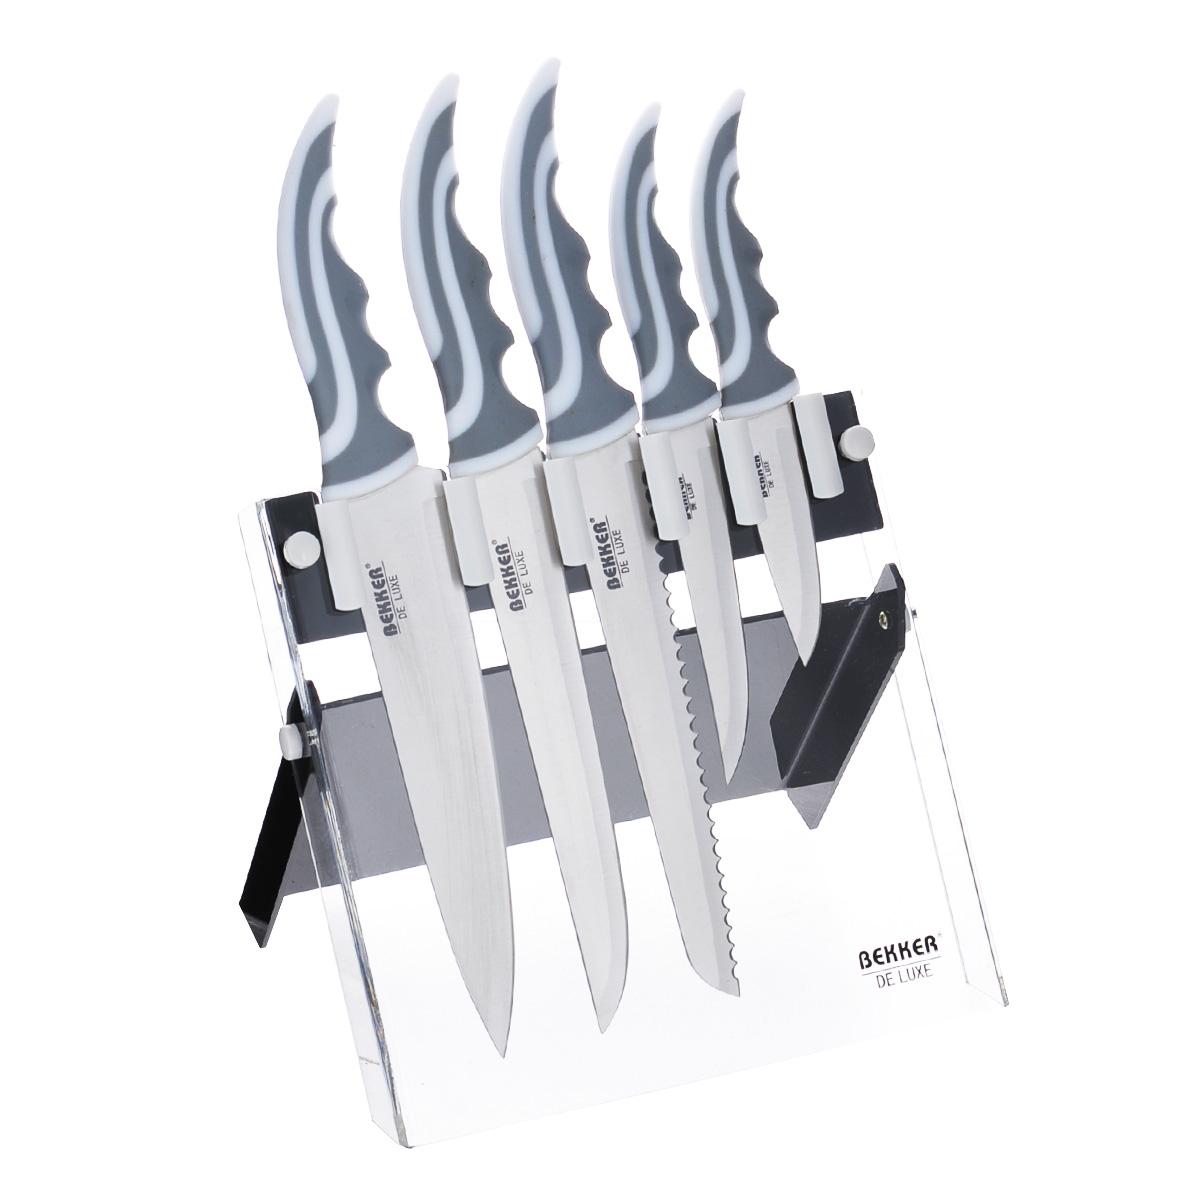 Набор ножей Bekker De Luxe, 6 предметов. BK-8431BK-8431Набор Bekker De Luxe состоит из 5 ножей (нож поварской, нож для тонкой нарезки, нож для резки хлеба, нож универсальный и нож для очистки) и подставки. Лезвия ножей выполнены из высококачественной нержавеющей стали. Сталь устойчива к коррозии, отличается прочностью и отсутствием вредных соединений при контакте с продуктами. Режущая кромка лезвий устойчива к притуплению. Рукоятки эргономичной формы выполнены из прорезиненного пластика. В набор входит: - Поварской нож. Имеет тяжелую ручку, толстое, широкое и длинное лезвие с центрированным острием. Все это позволяет рубить овощи, зелень, резать мороженое мясо, рыбу и птицу. - Нож для резки хлеба. Нож имеет широкое клиновидное лезвие с зазубренной заточкой. Подходит для различной выпечки и хлебобулочных изделий. - Нож для тонкой нарезки. Нож с длинным, нешироким, но достаточно толстым лезвием. Используется для нарезки сырого и вареного мяса, разделки курицы, рыбы. Им легко нарезать арбуз, дыню. -...